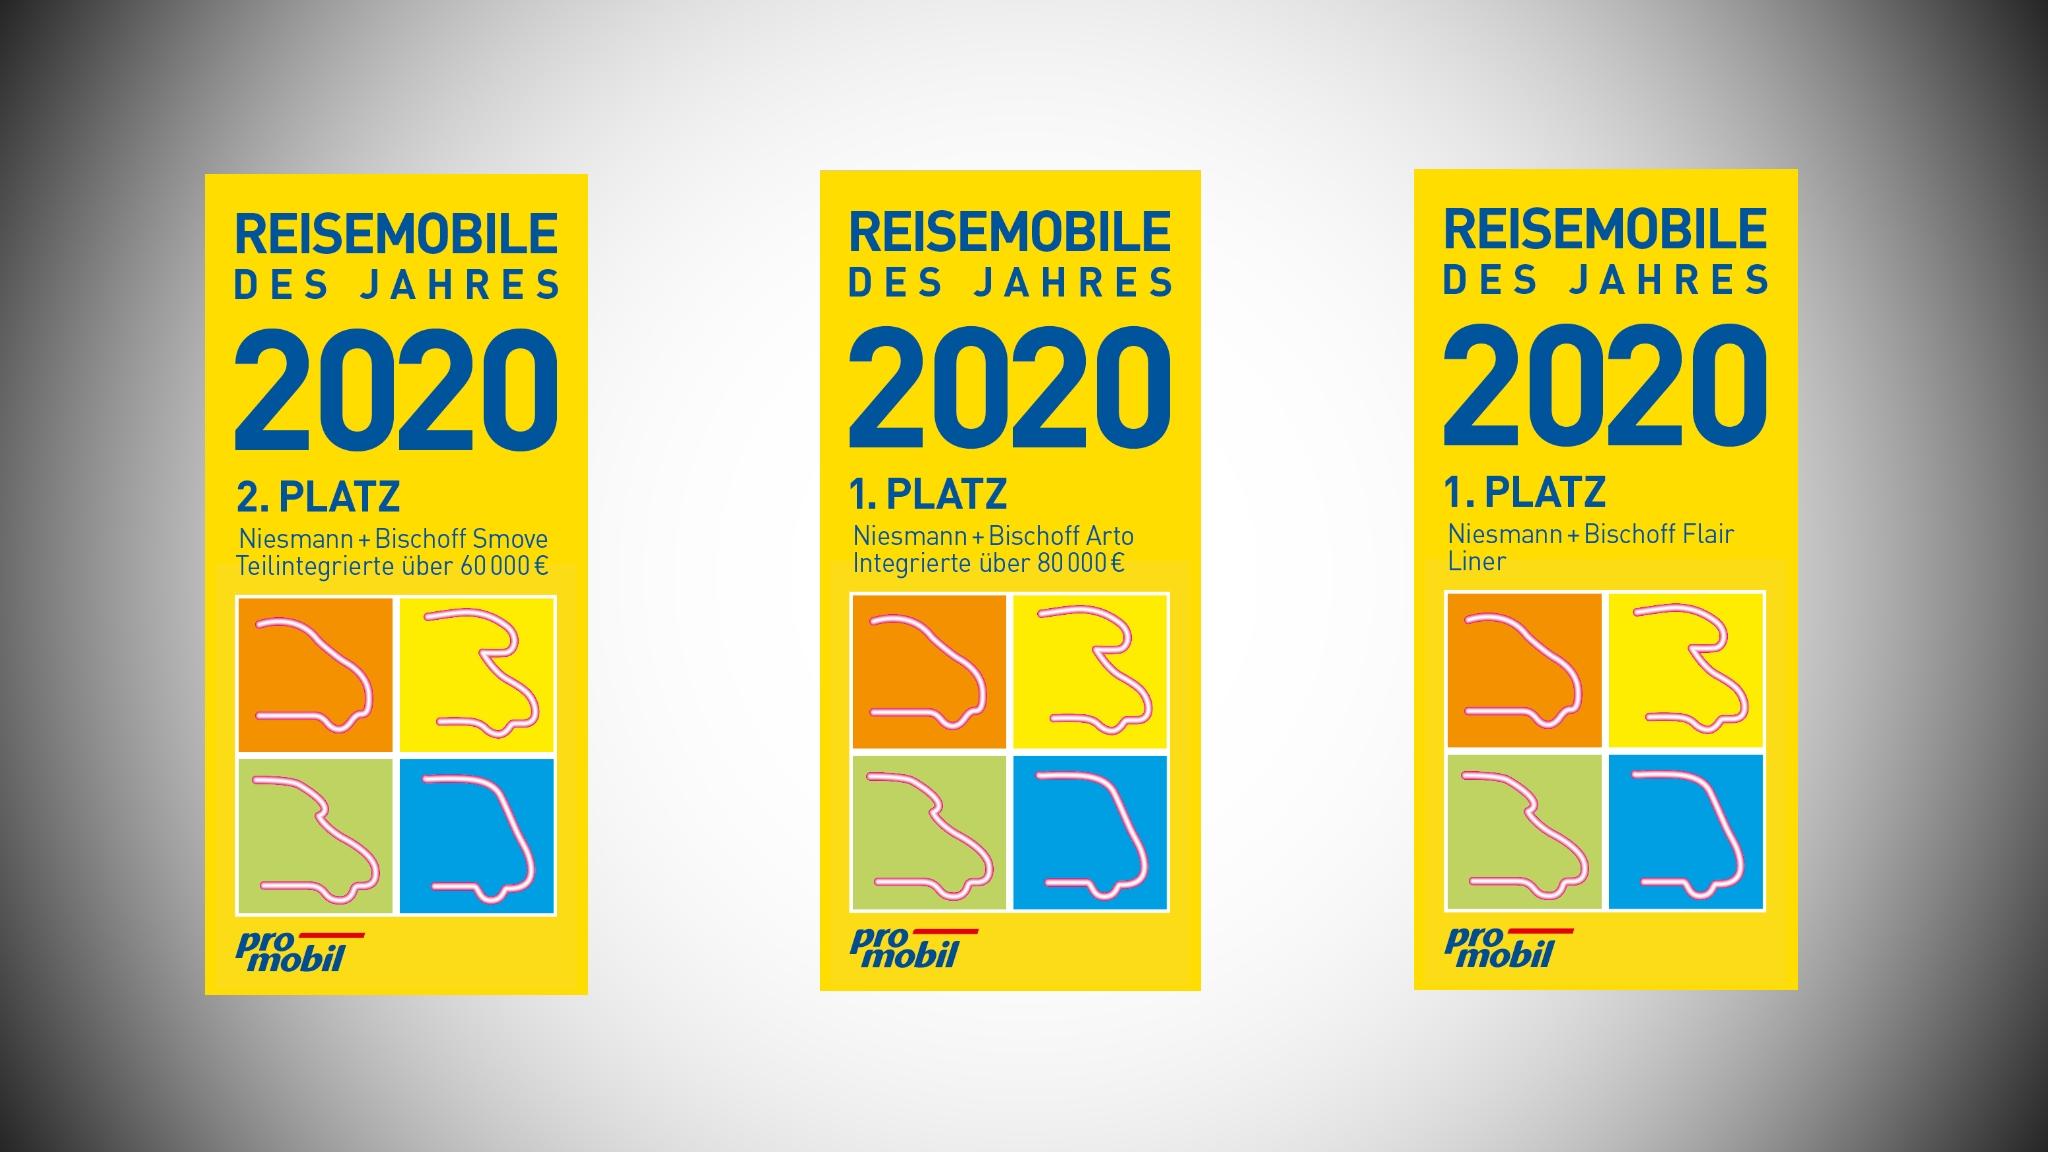 Niesmann+Bischoff - Promobil Leserwahl - Reisemobil des Jahres 2020